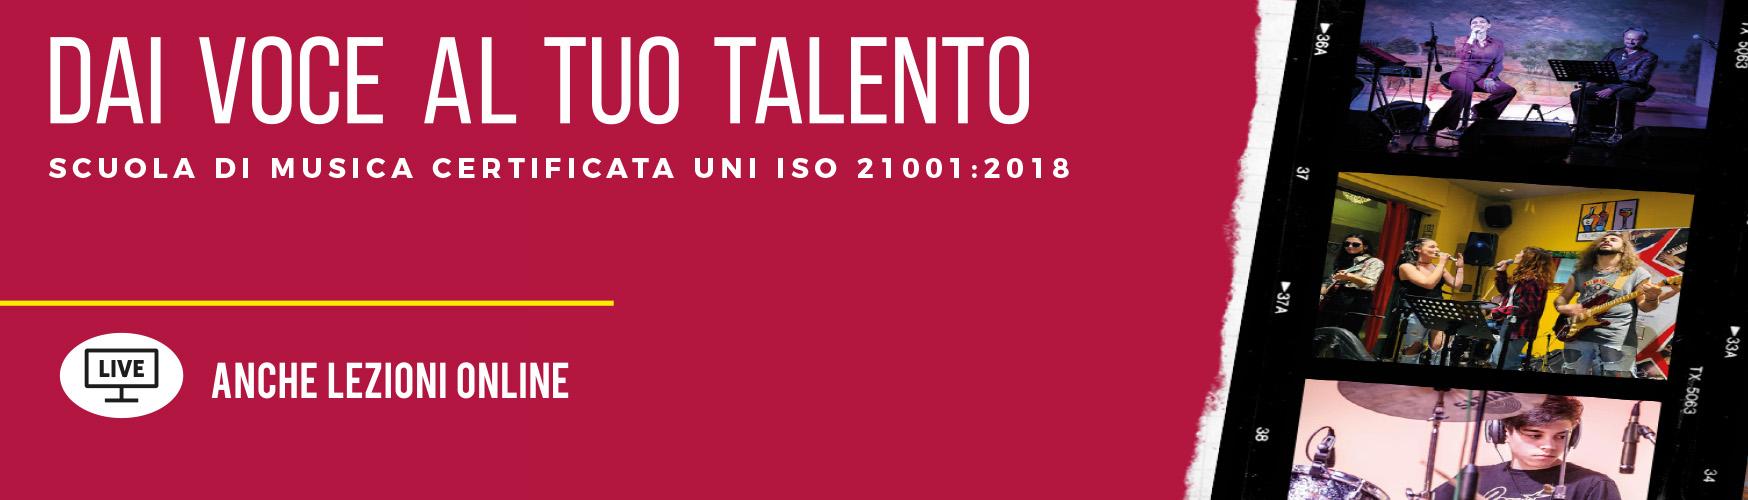 Accademia Musicale Crepaldi - Iscrizioni a.s. 20/21